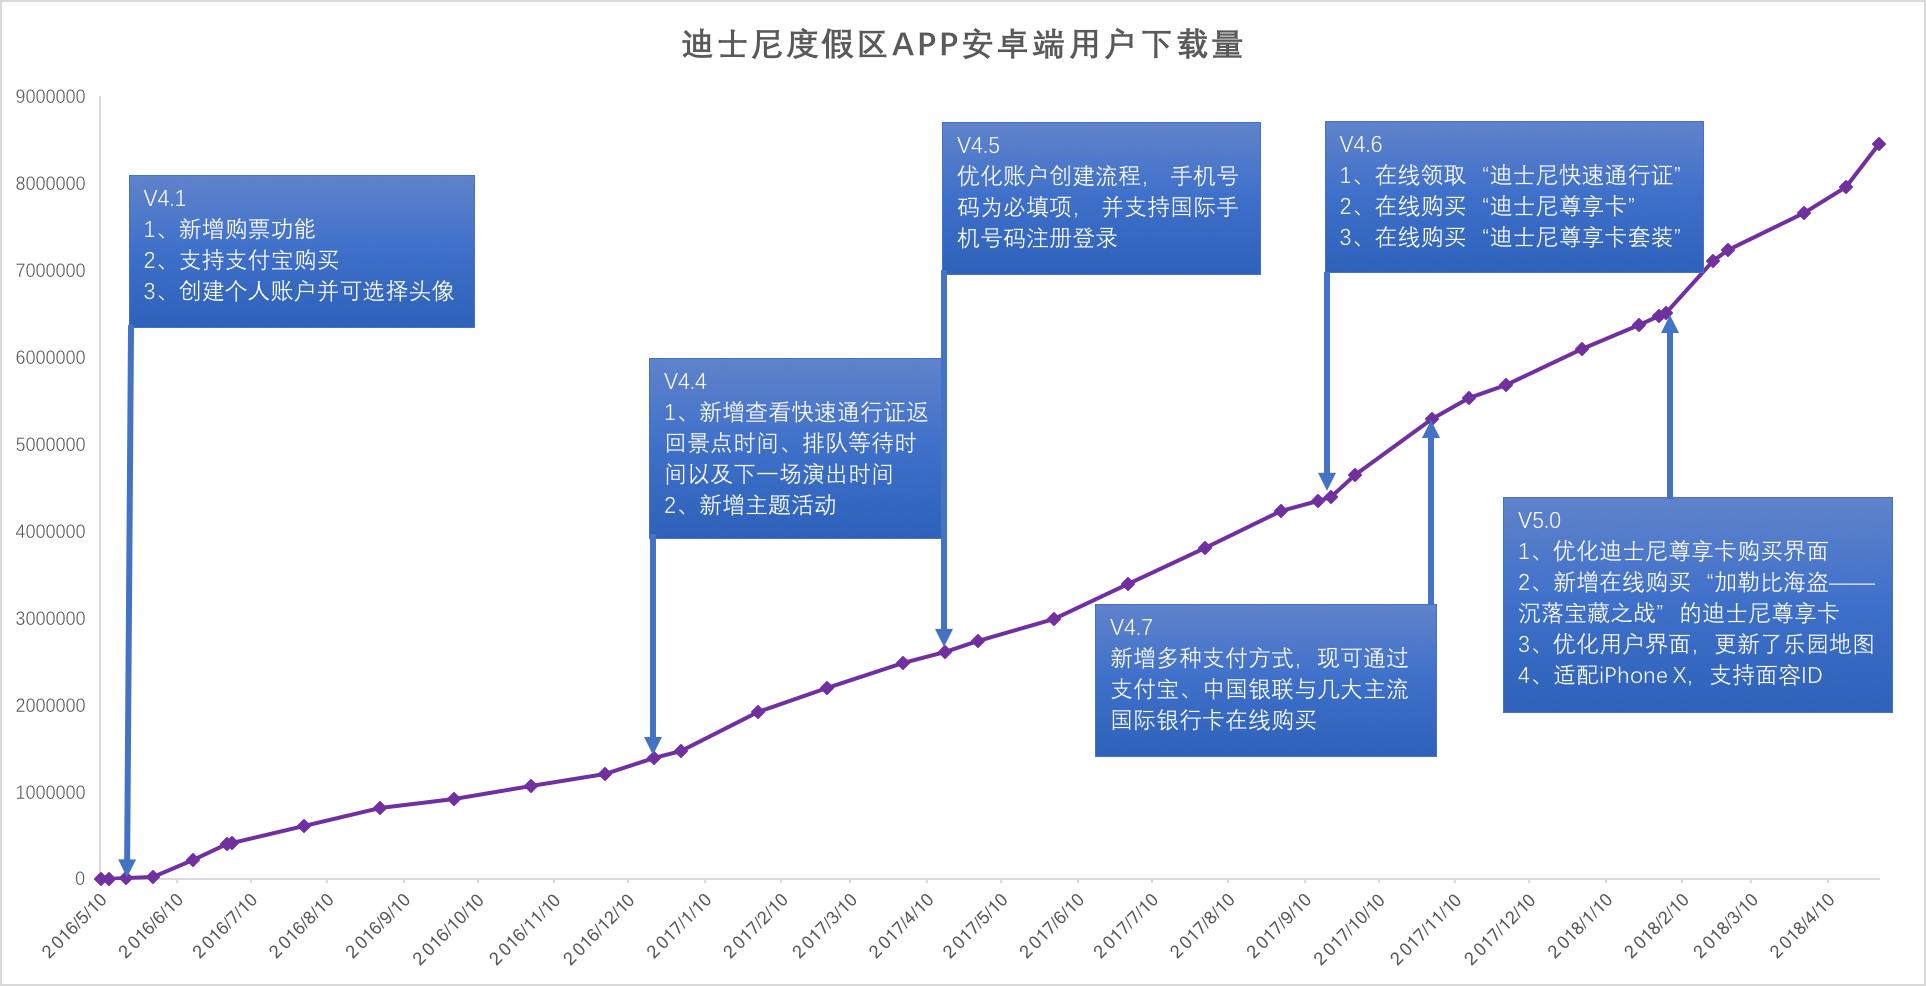 鸟哥笔记,行业动态,宋小错,运营,app,微信,微博